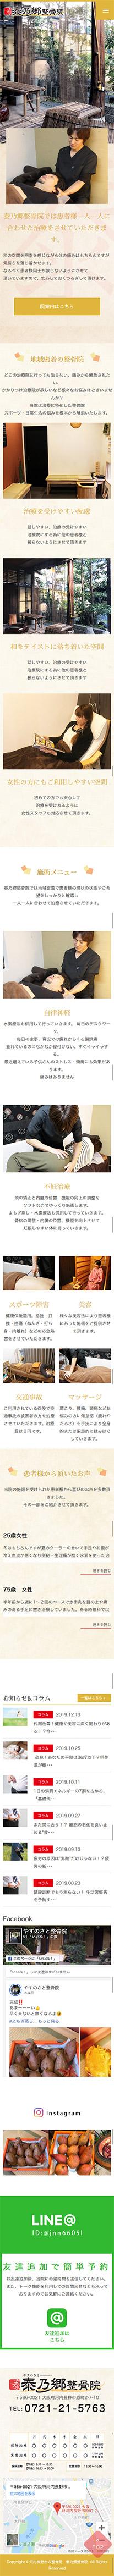 泰乃郷整骨院 (ヤスノサトセイコツイン)スマホTOP画像